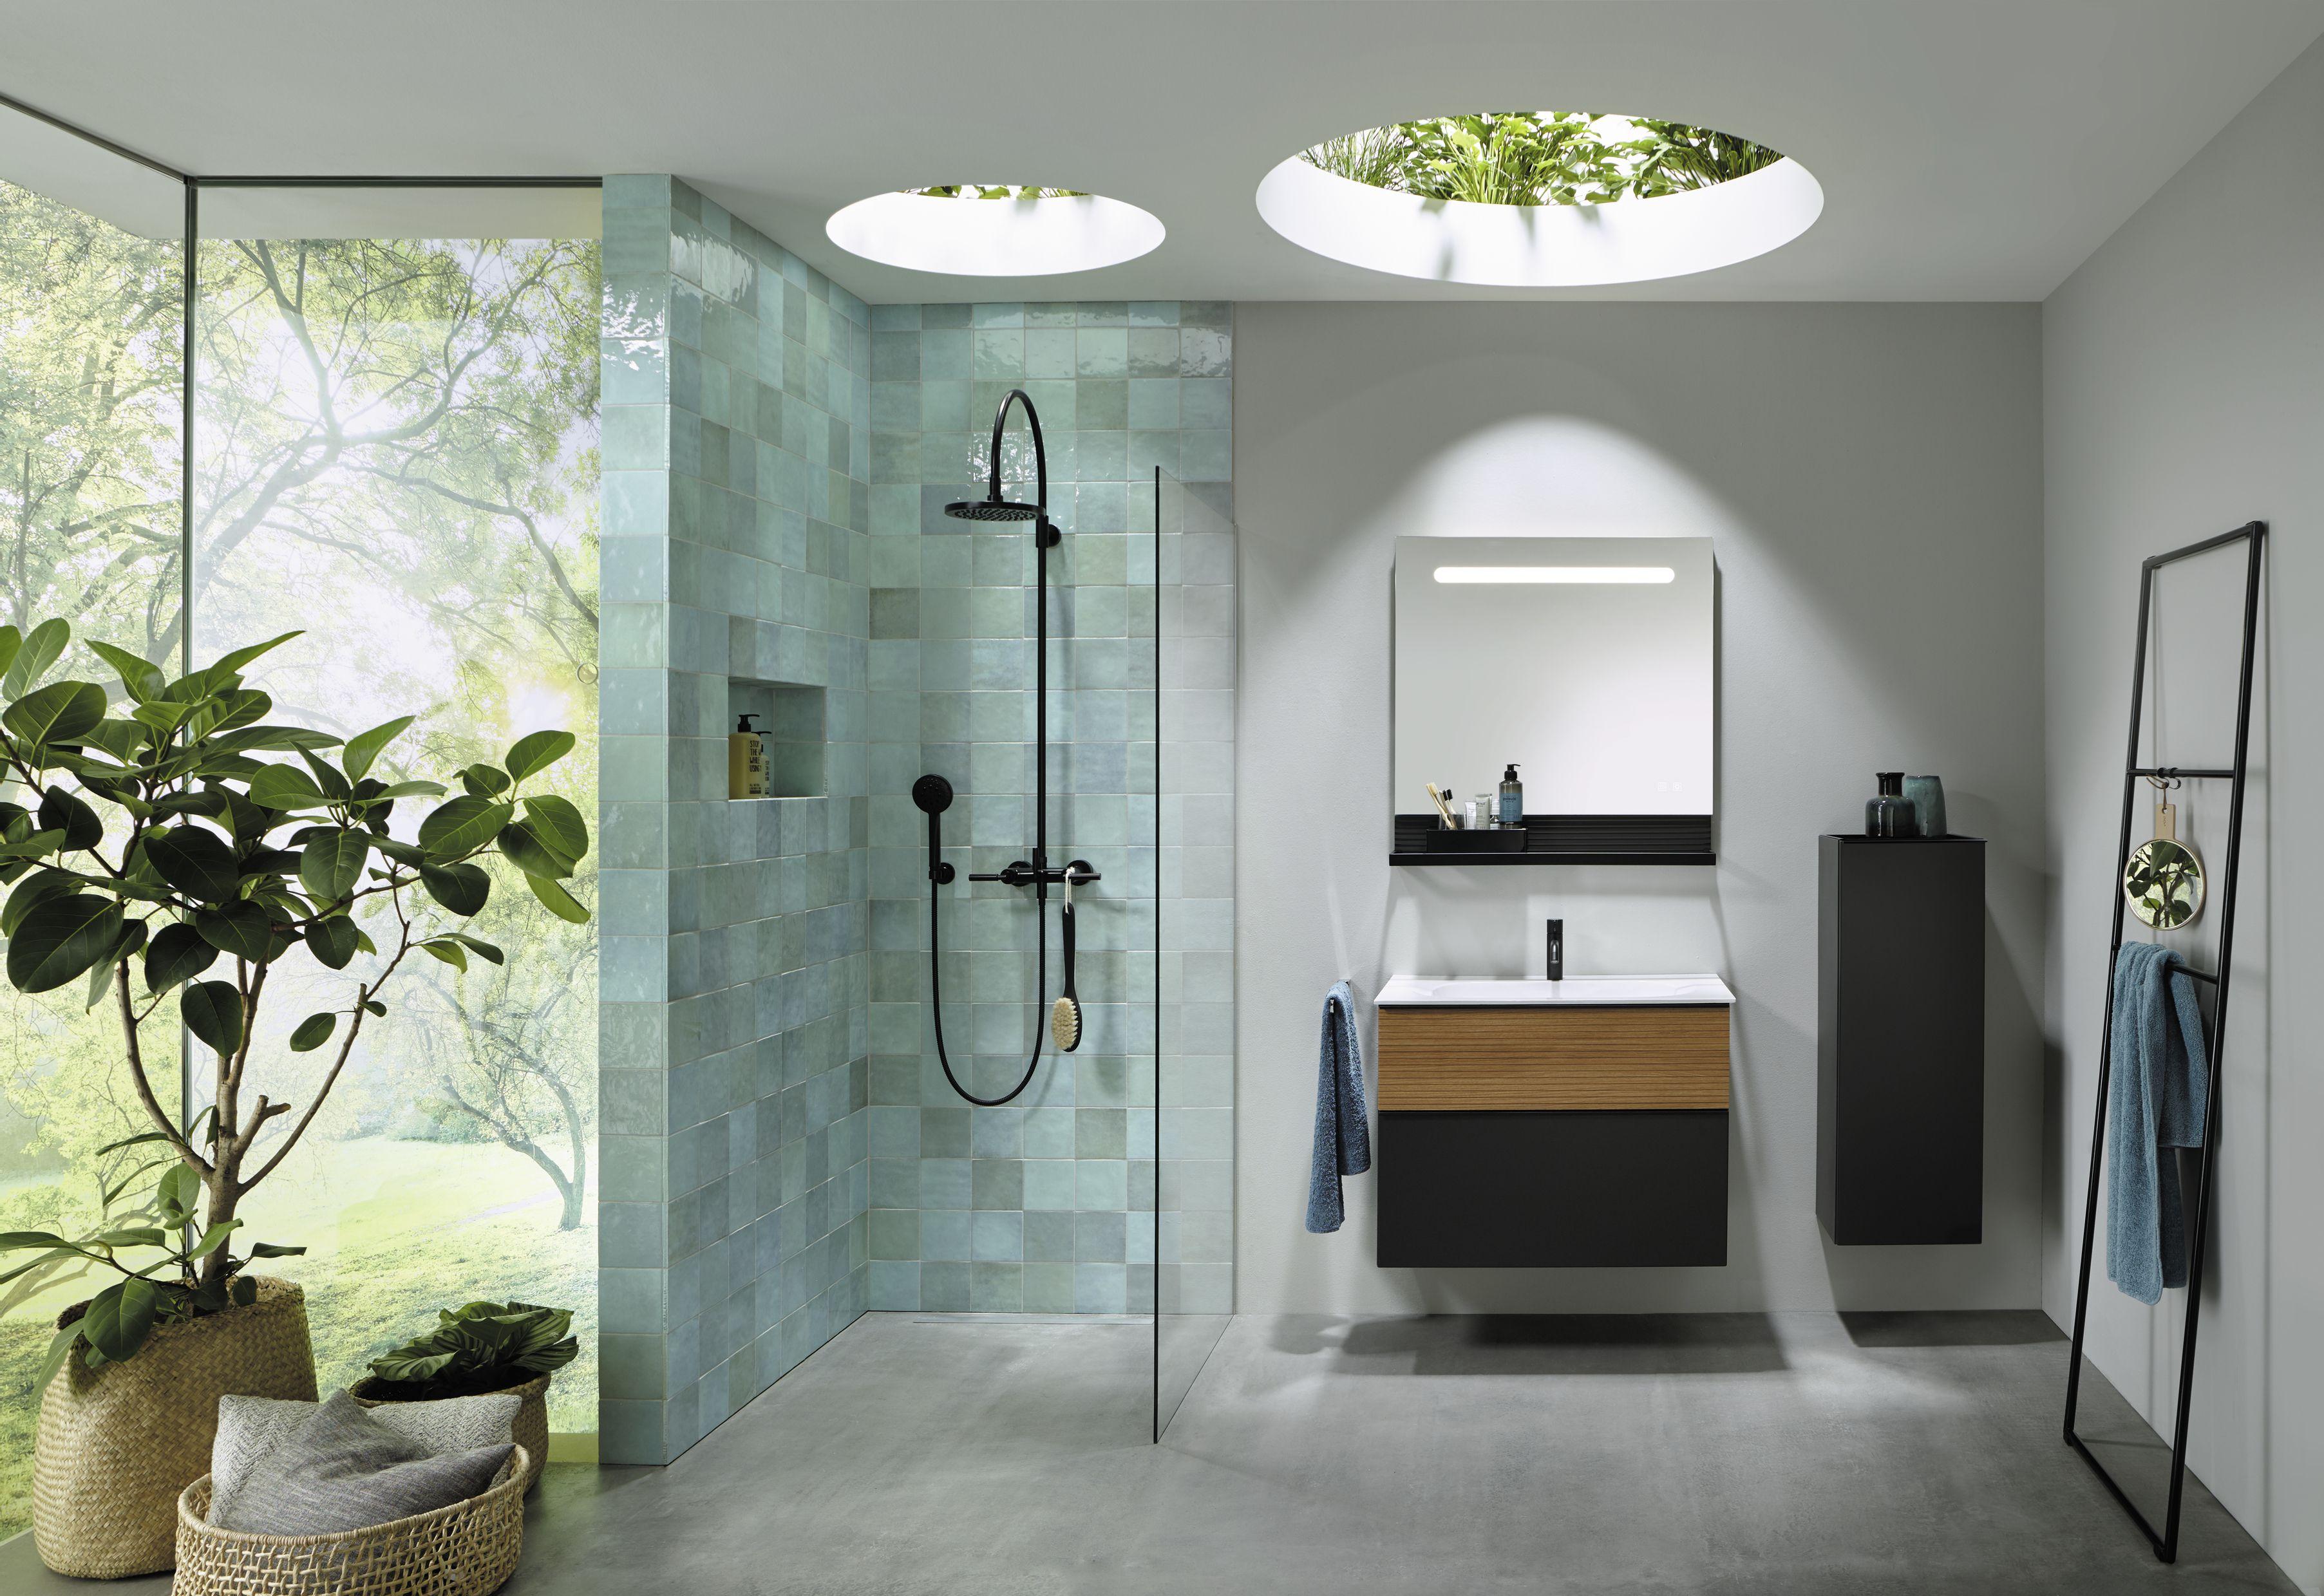 Burgbad Badmobelprogramm Fiumo Badezimmer Planen Drinnen Badezimmereinrichtung